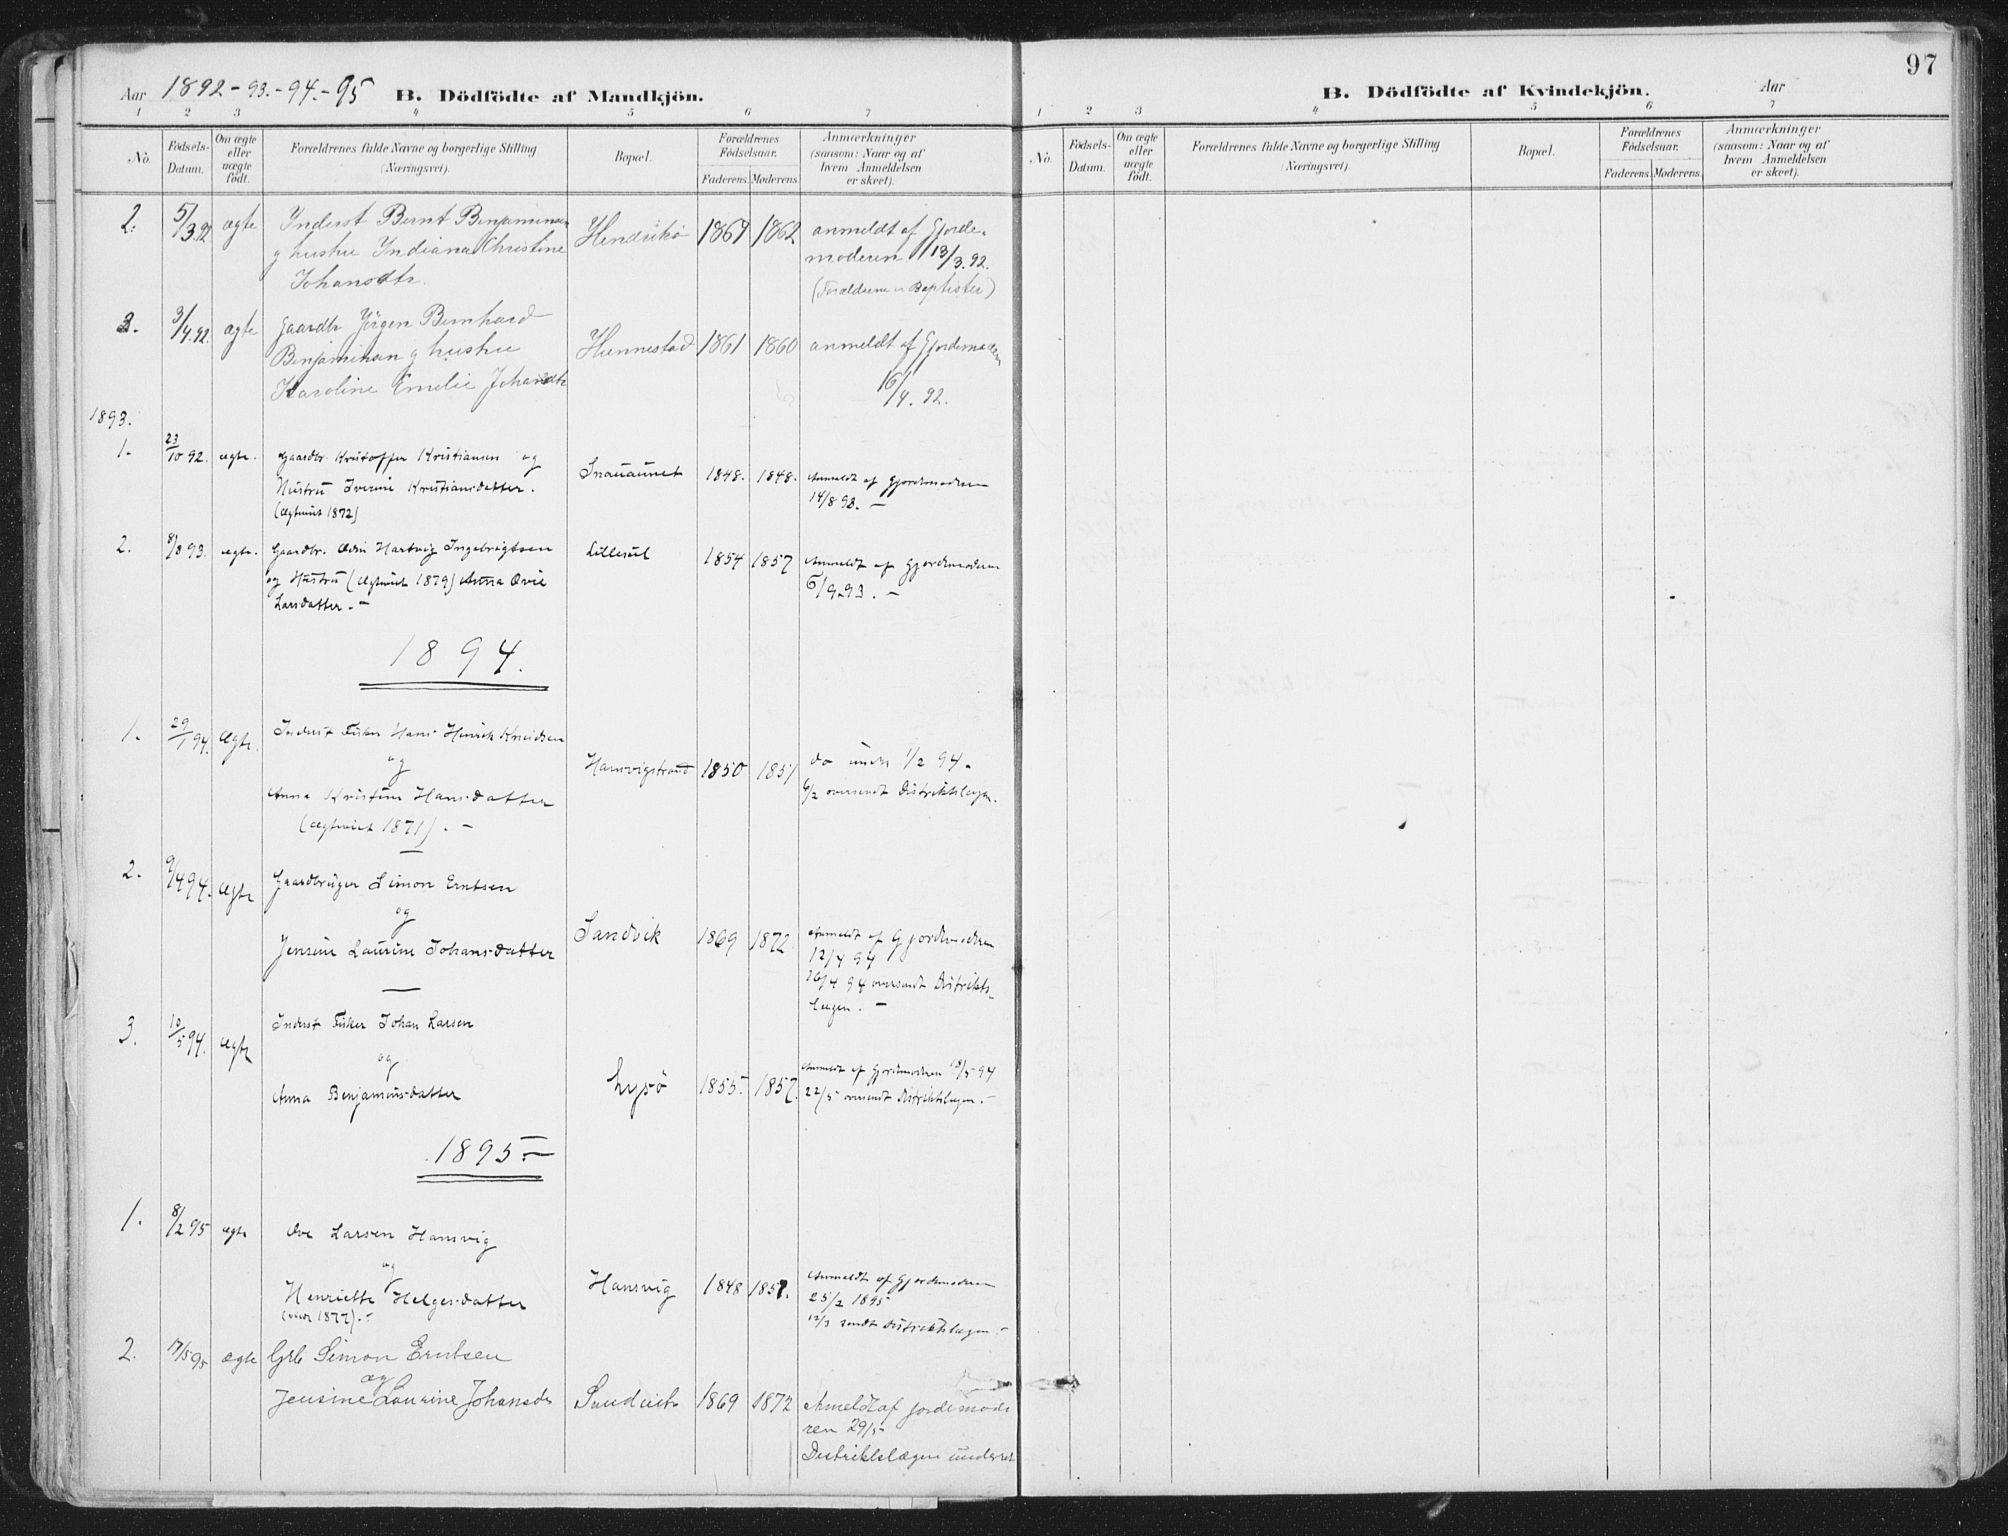 SAT, Ministerialprotokoller, klokkerbøker og fødselsregistre - Nord-Trøndelag, 786/L0687: Ministerialbok nr. 786A03, 1888-1898, s. 97